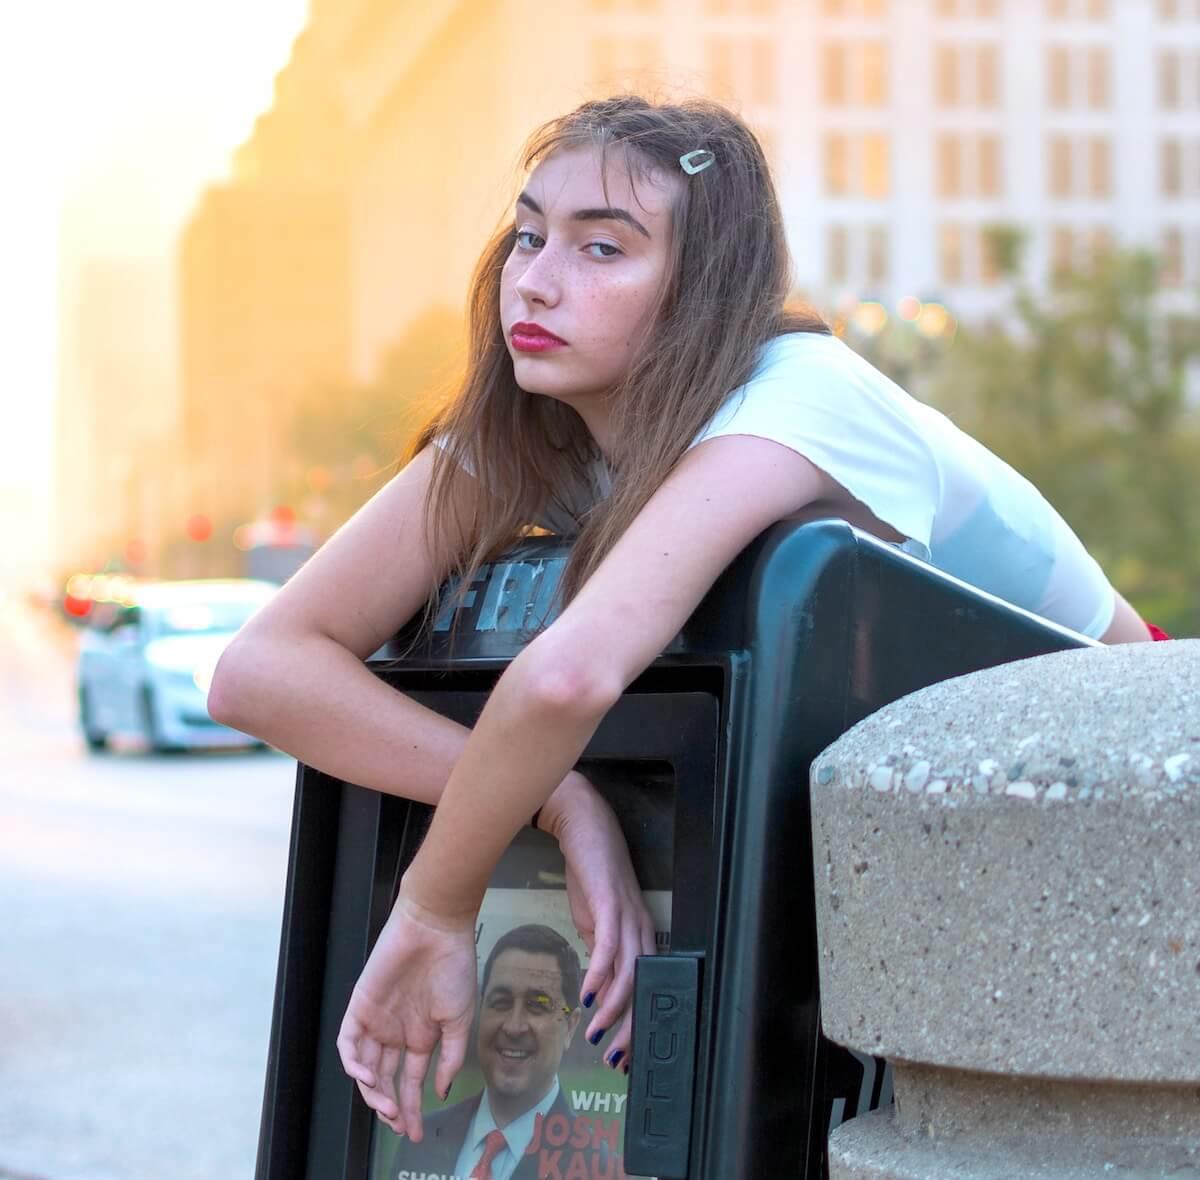 Unsplash: Bored girl leaning over newspaper dispensing box